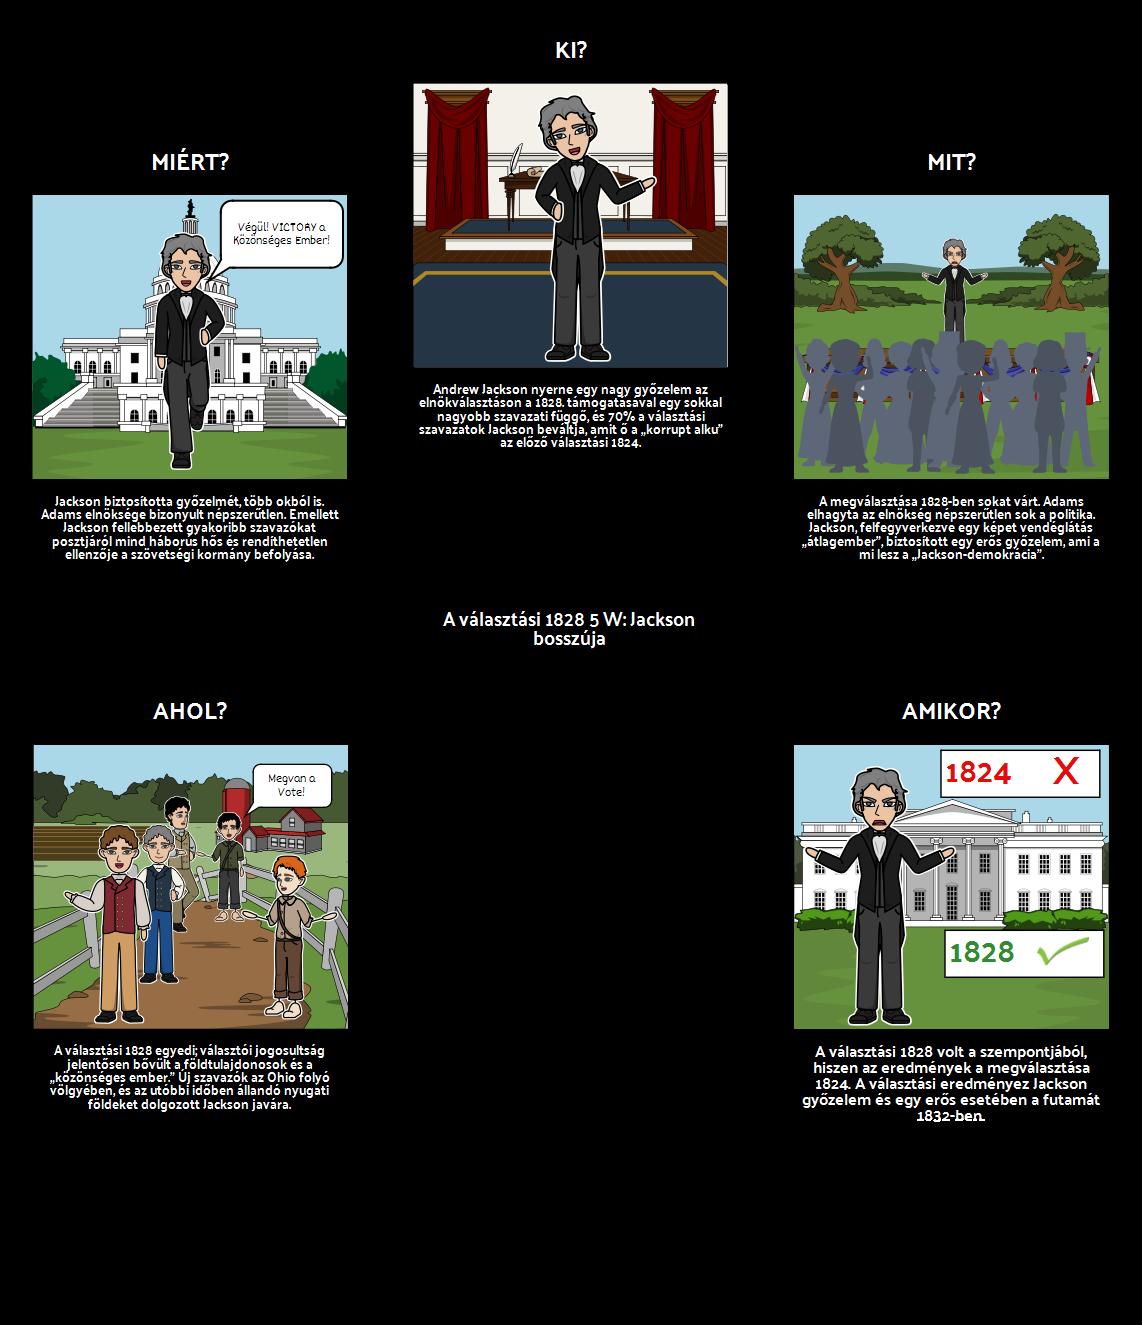 A Választási 1828: Jackson Victory